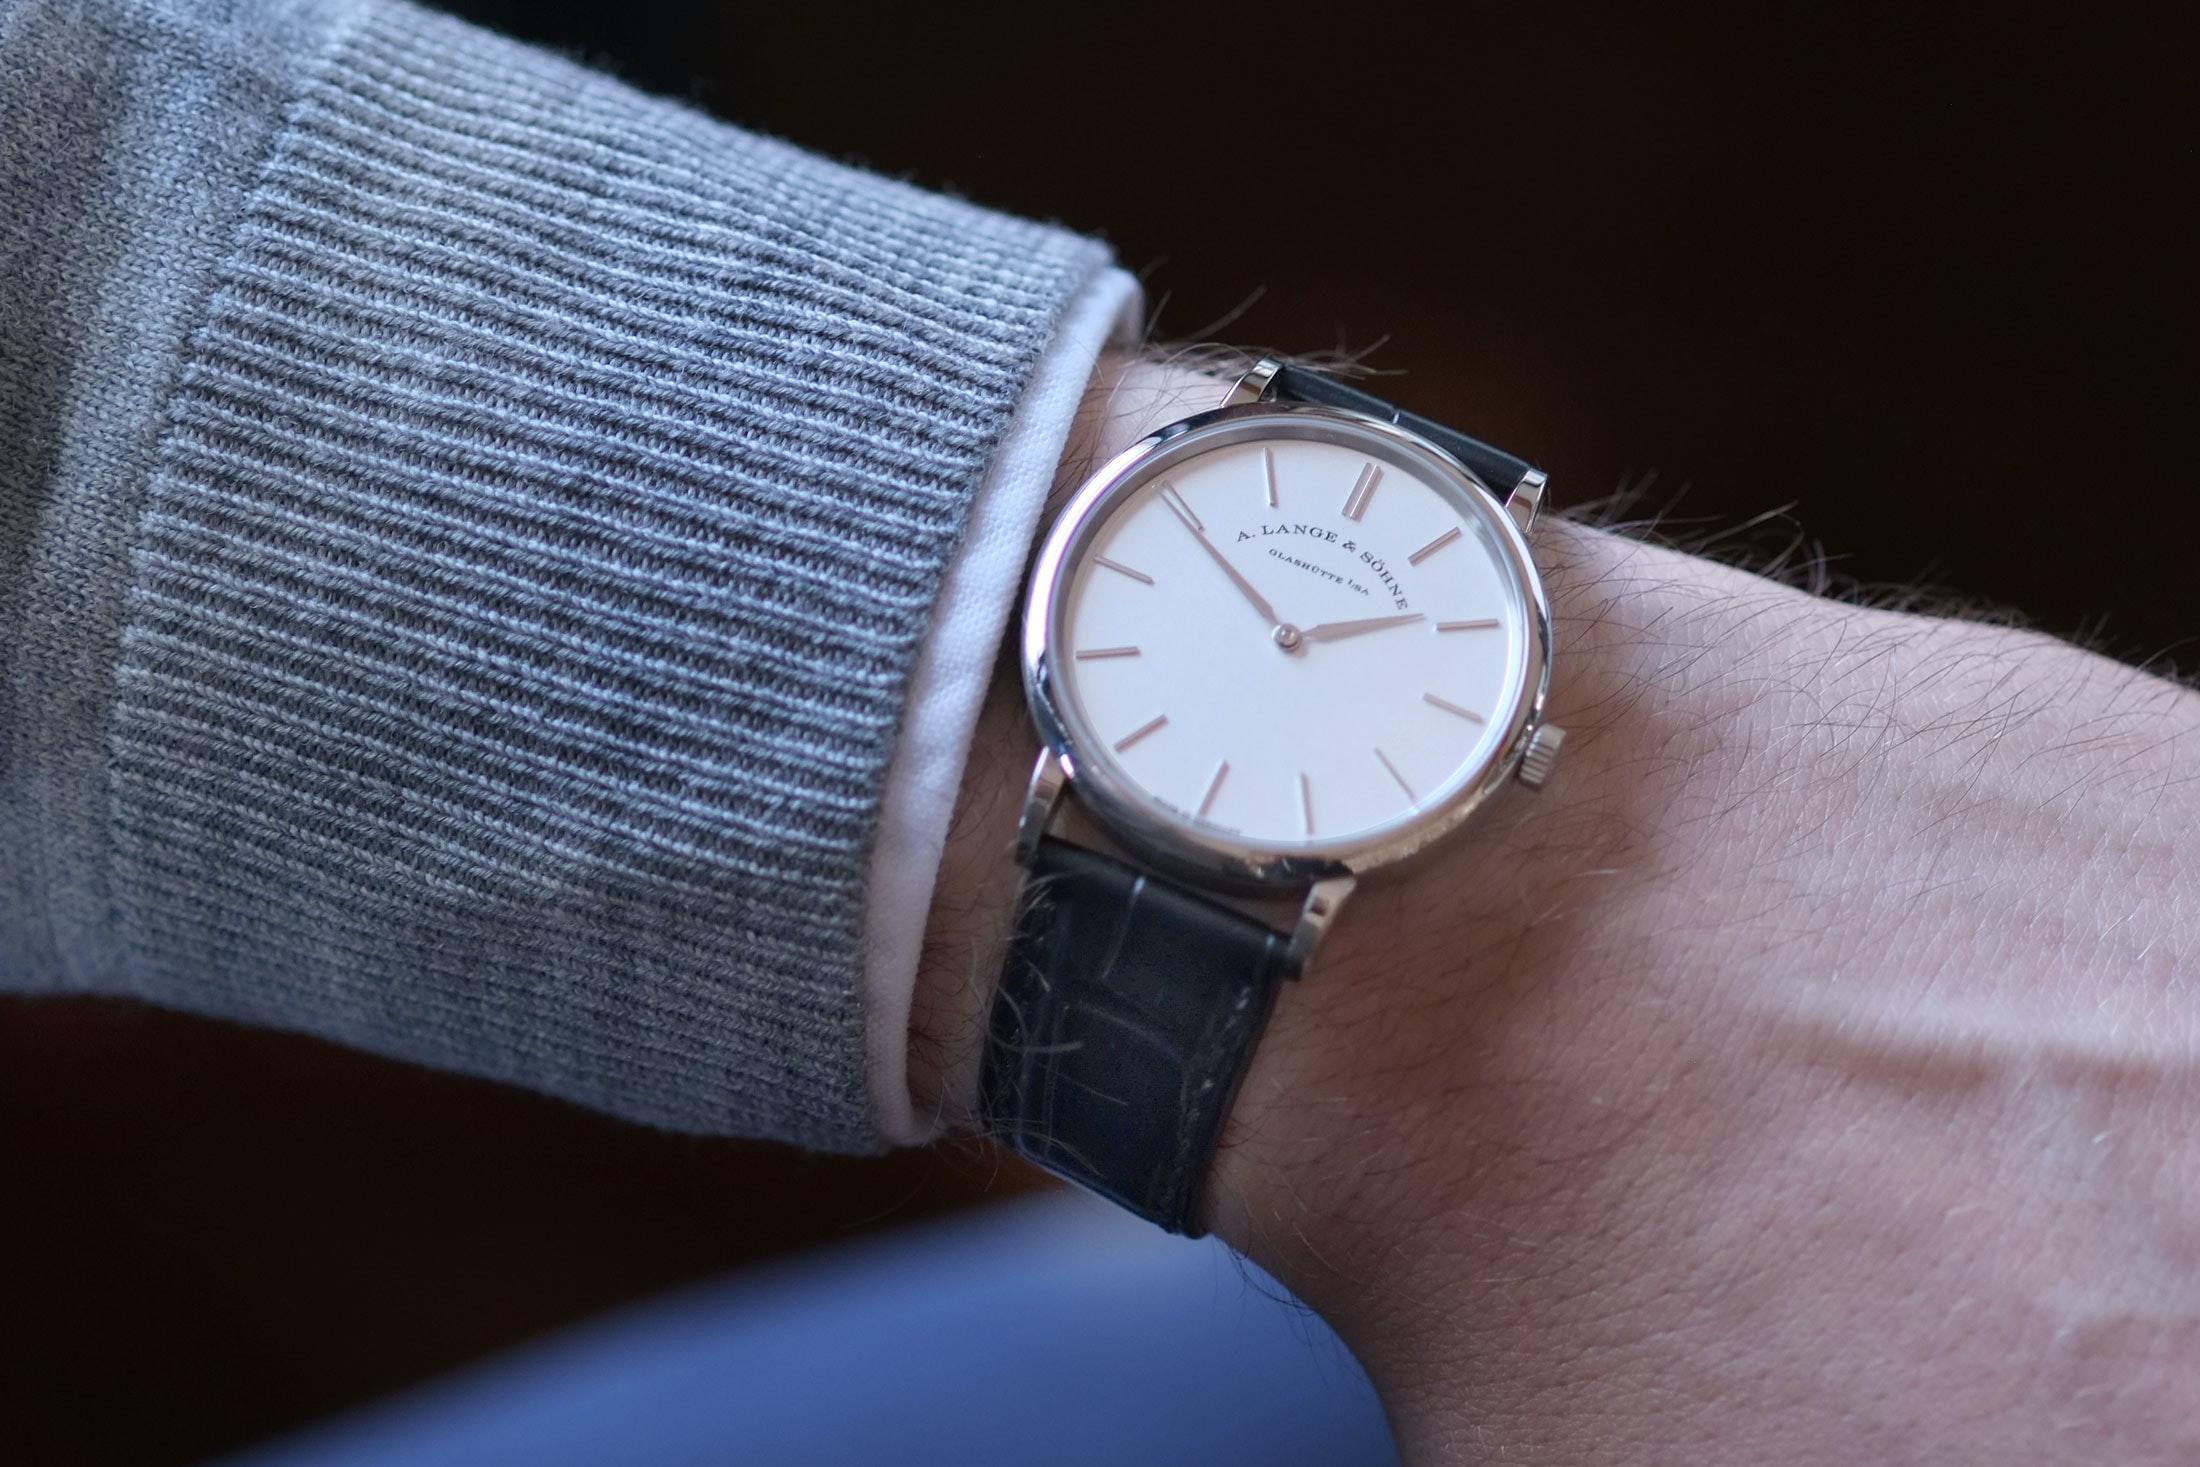 saxonia thin wristshot lange sohne A Week On The Wrist: The A. Lange & Söhne Saxonia Thin 37mm A Week On The Wrist: The A. Lange & Söhne Saxonia Thin 37mm lange saxonia 03